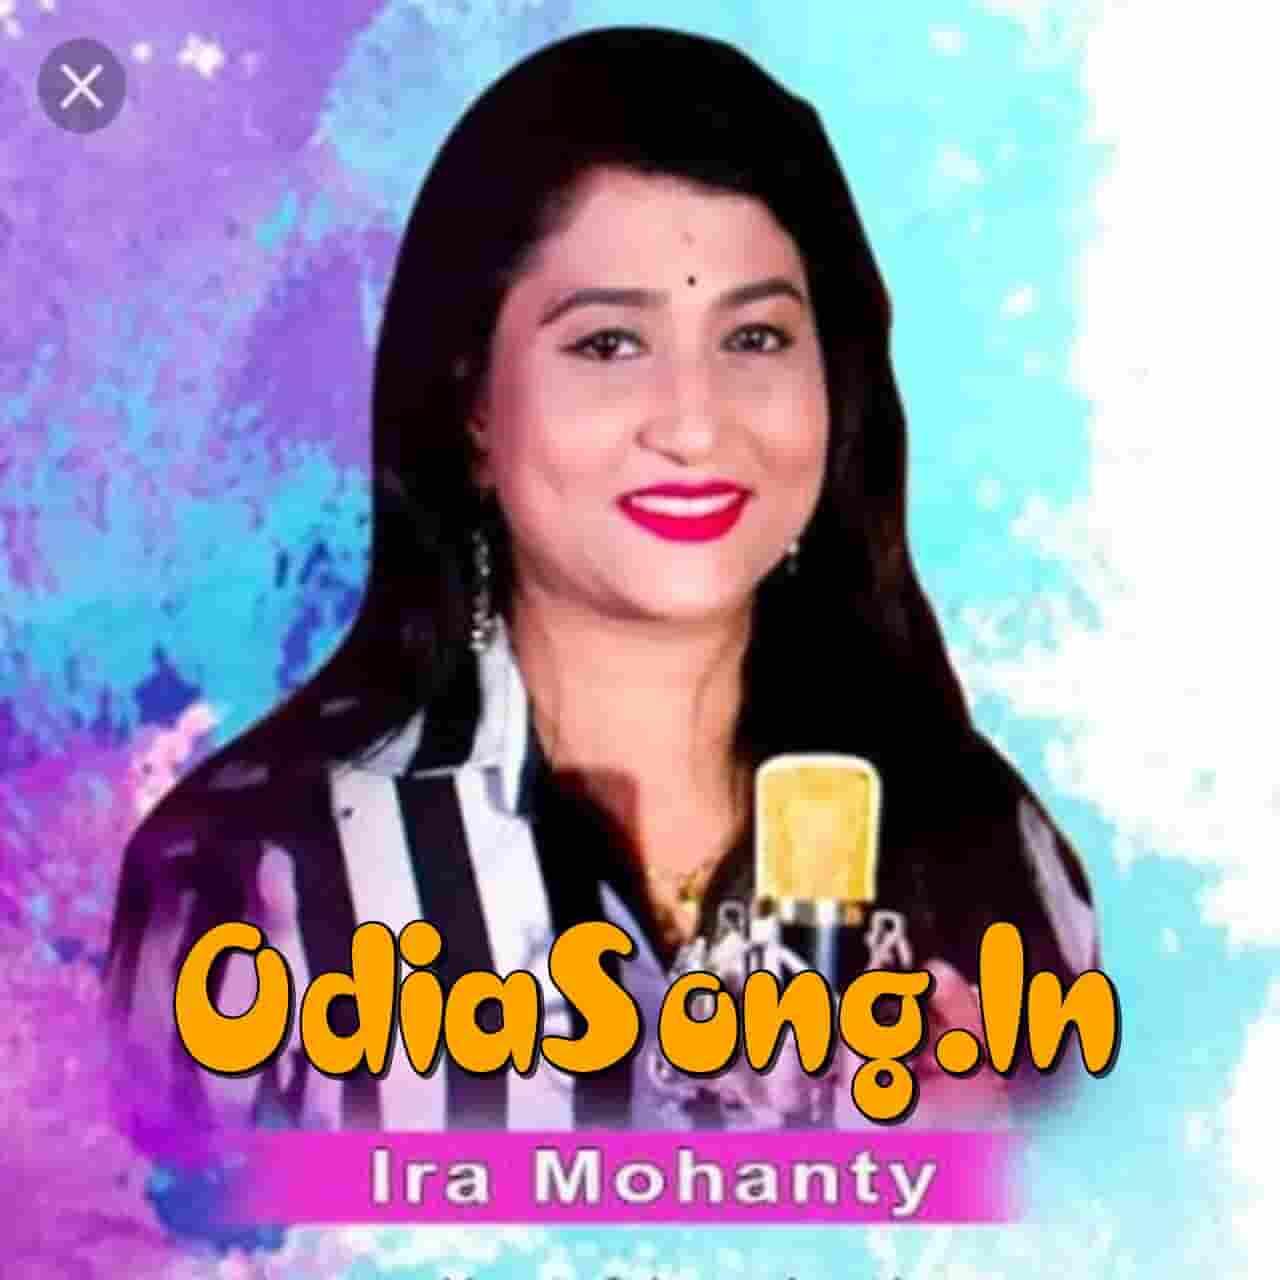 Chori Chori - New Odia Song (Ira Mohanty, Udit Narayan)